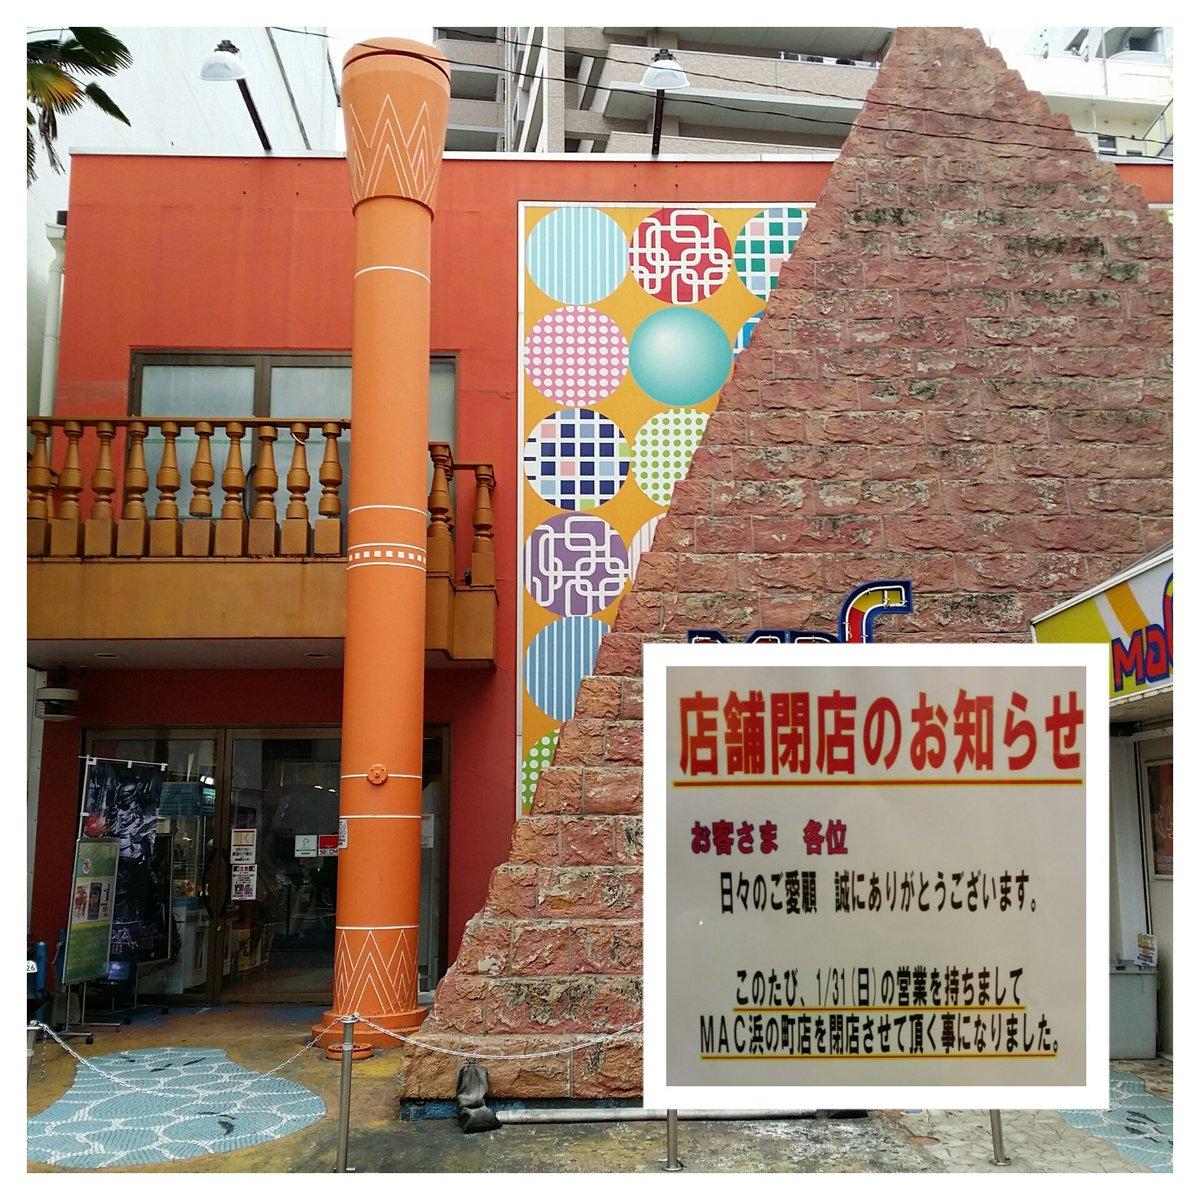 MAC浜町店が1月31日で閉店! リカちゃん通りにあるピラミッドのゲーセンです。 https://t.co/gpDrlepMuC